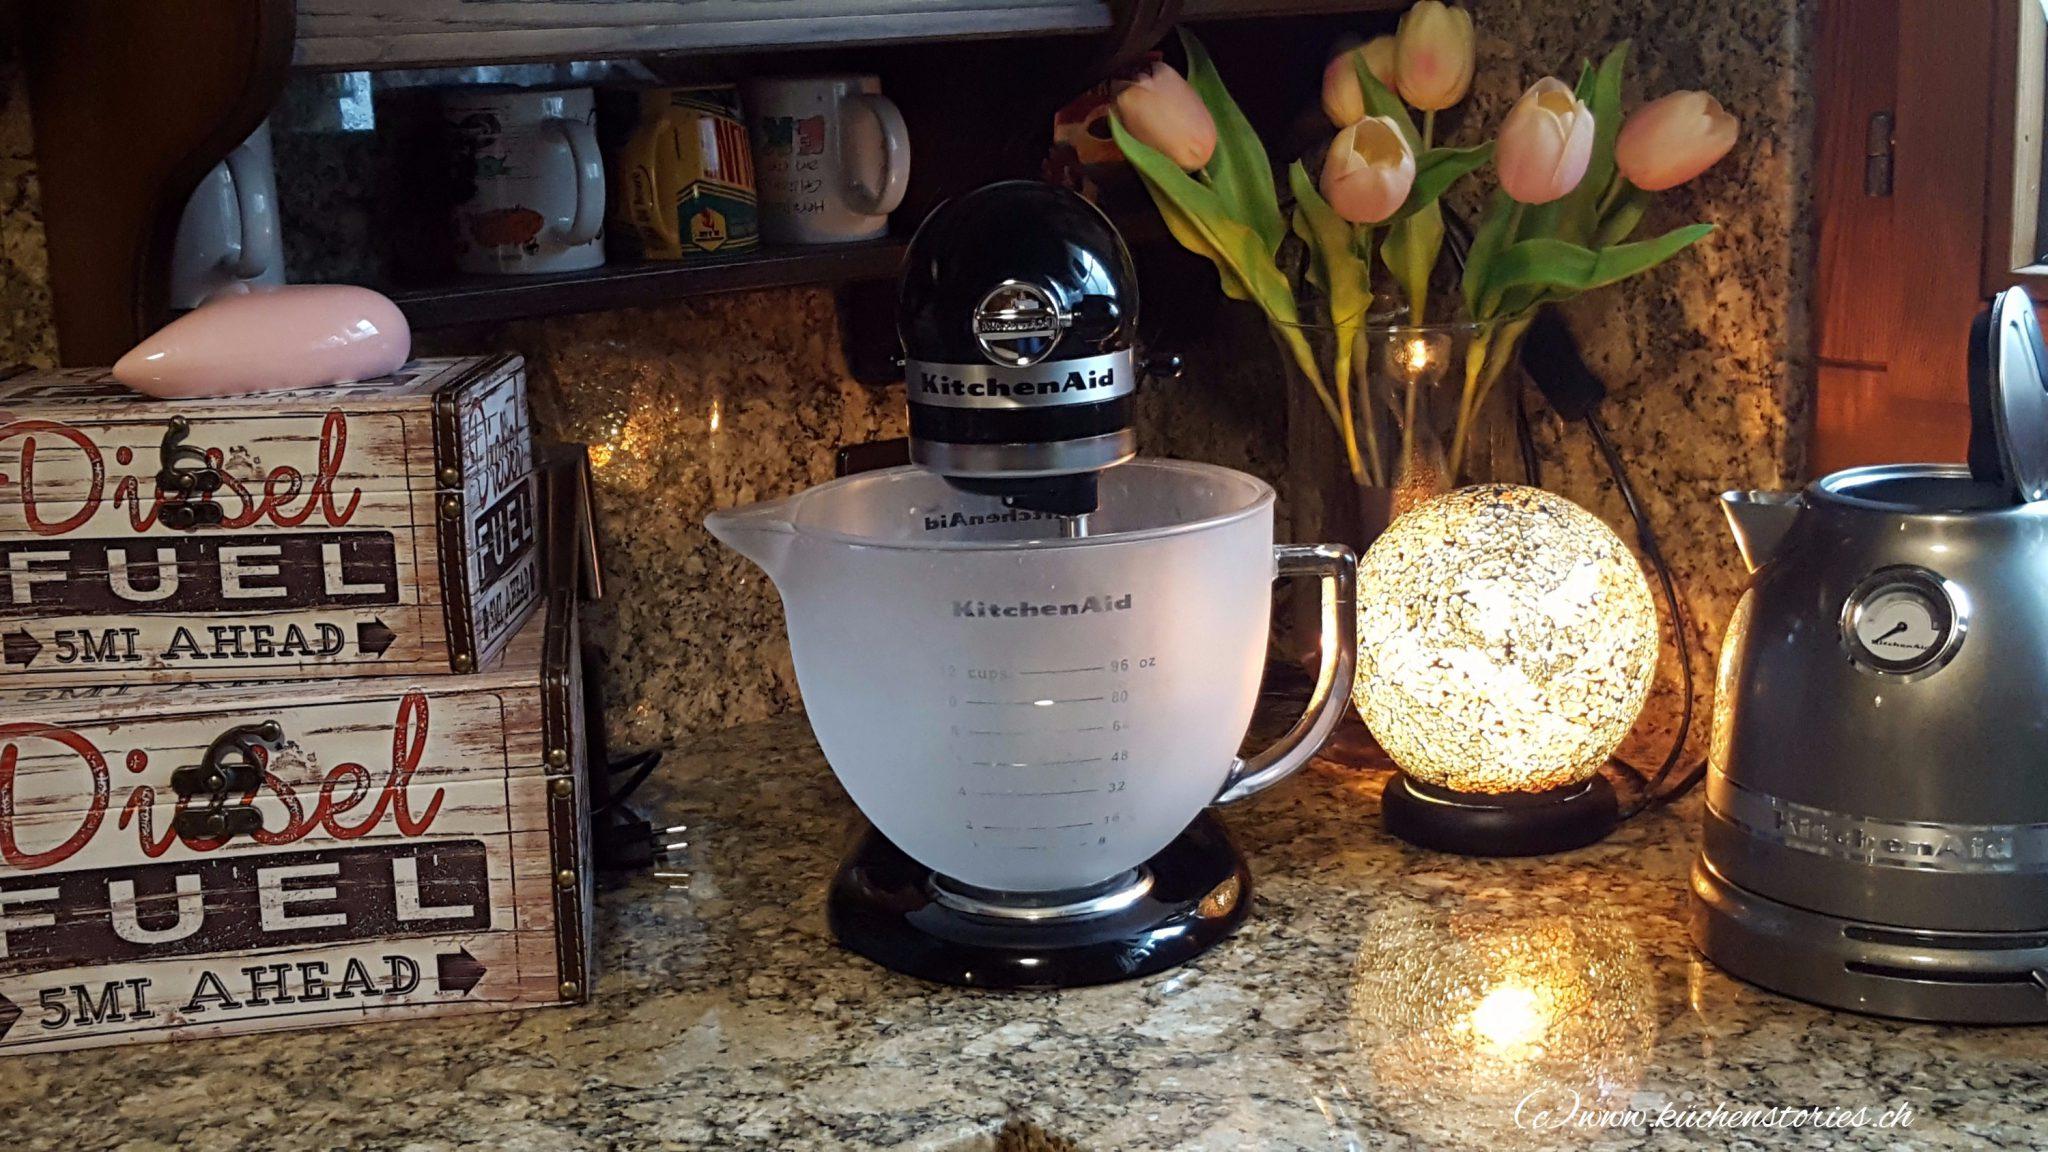 Erste Schritte mit der KitchenAid Küchenmaschine - Google+